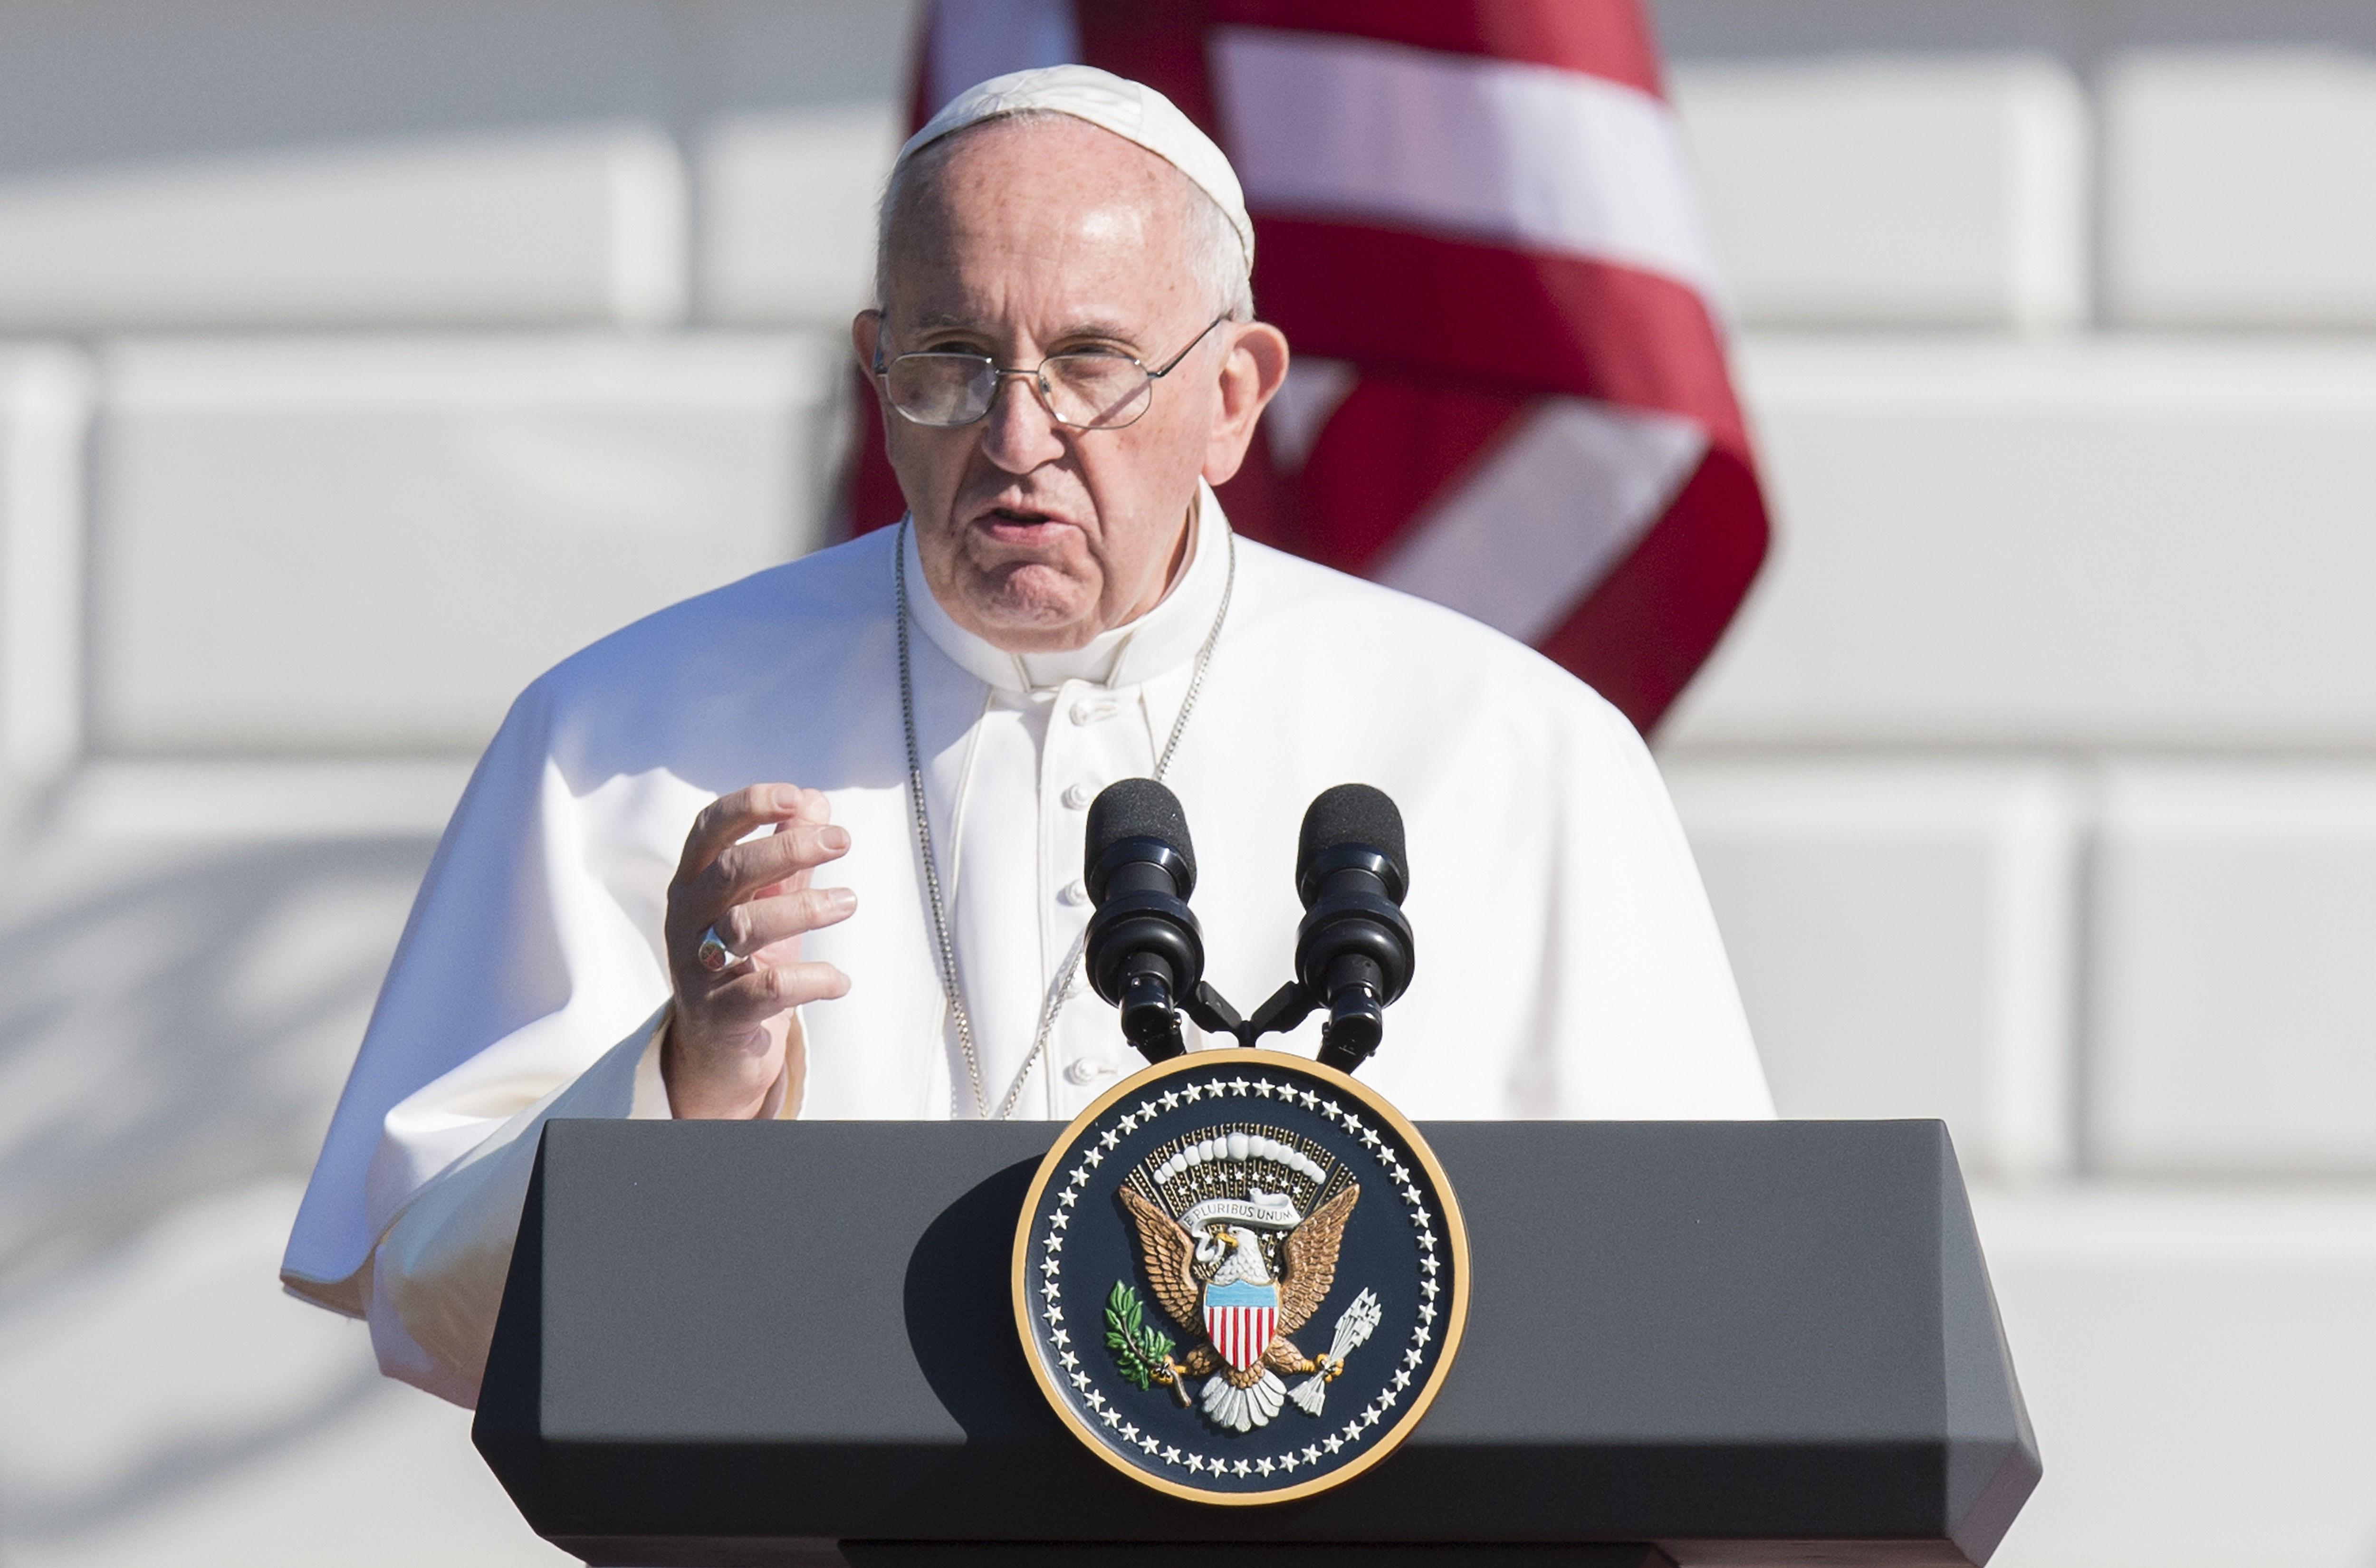 Más de 15.000 personas llenaron el ala sur de la Casa Blanca en una ceremonia de bienvenida a la histórica visita del papa Francisco a los Estados Unidos. Francisco se dirigió a los fieles desde la Casa Blanca (Crédito: JIM WATSON/AFP/Getty Images)